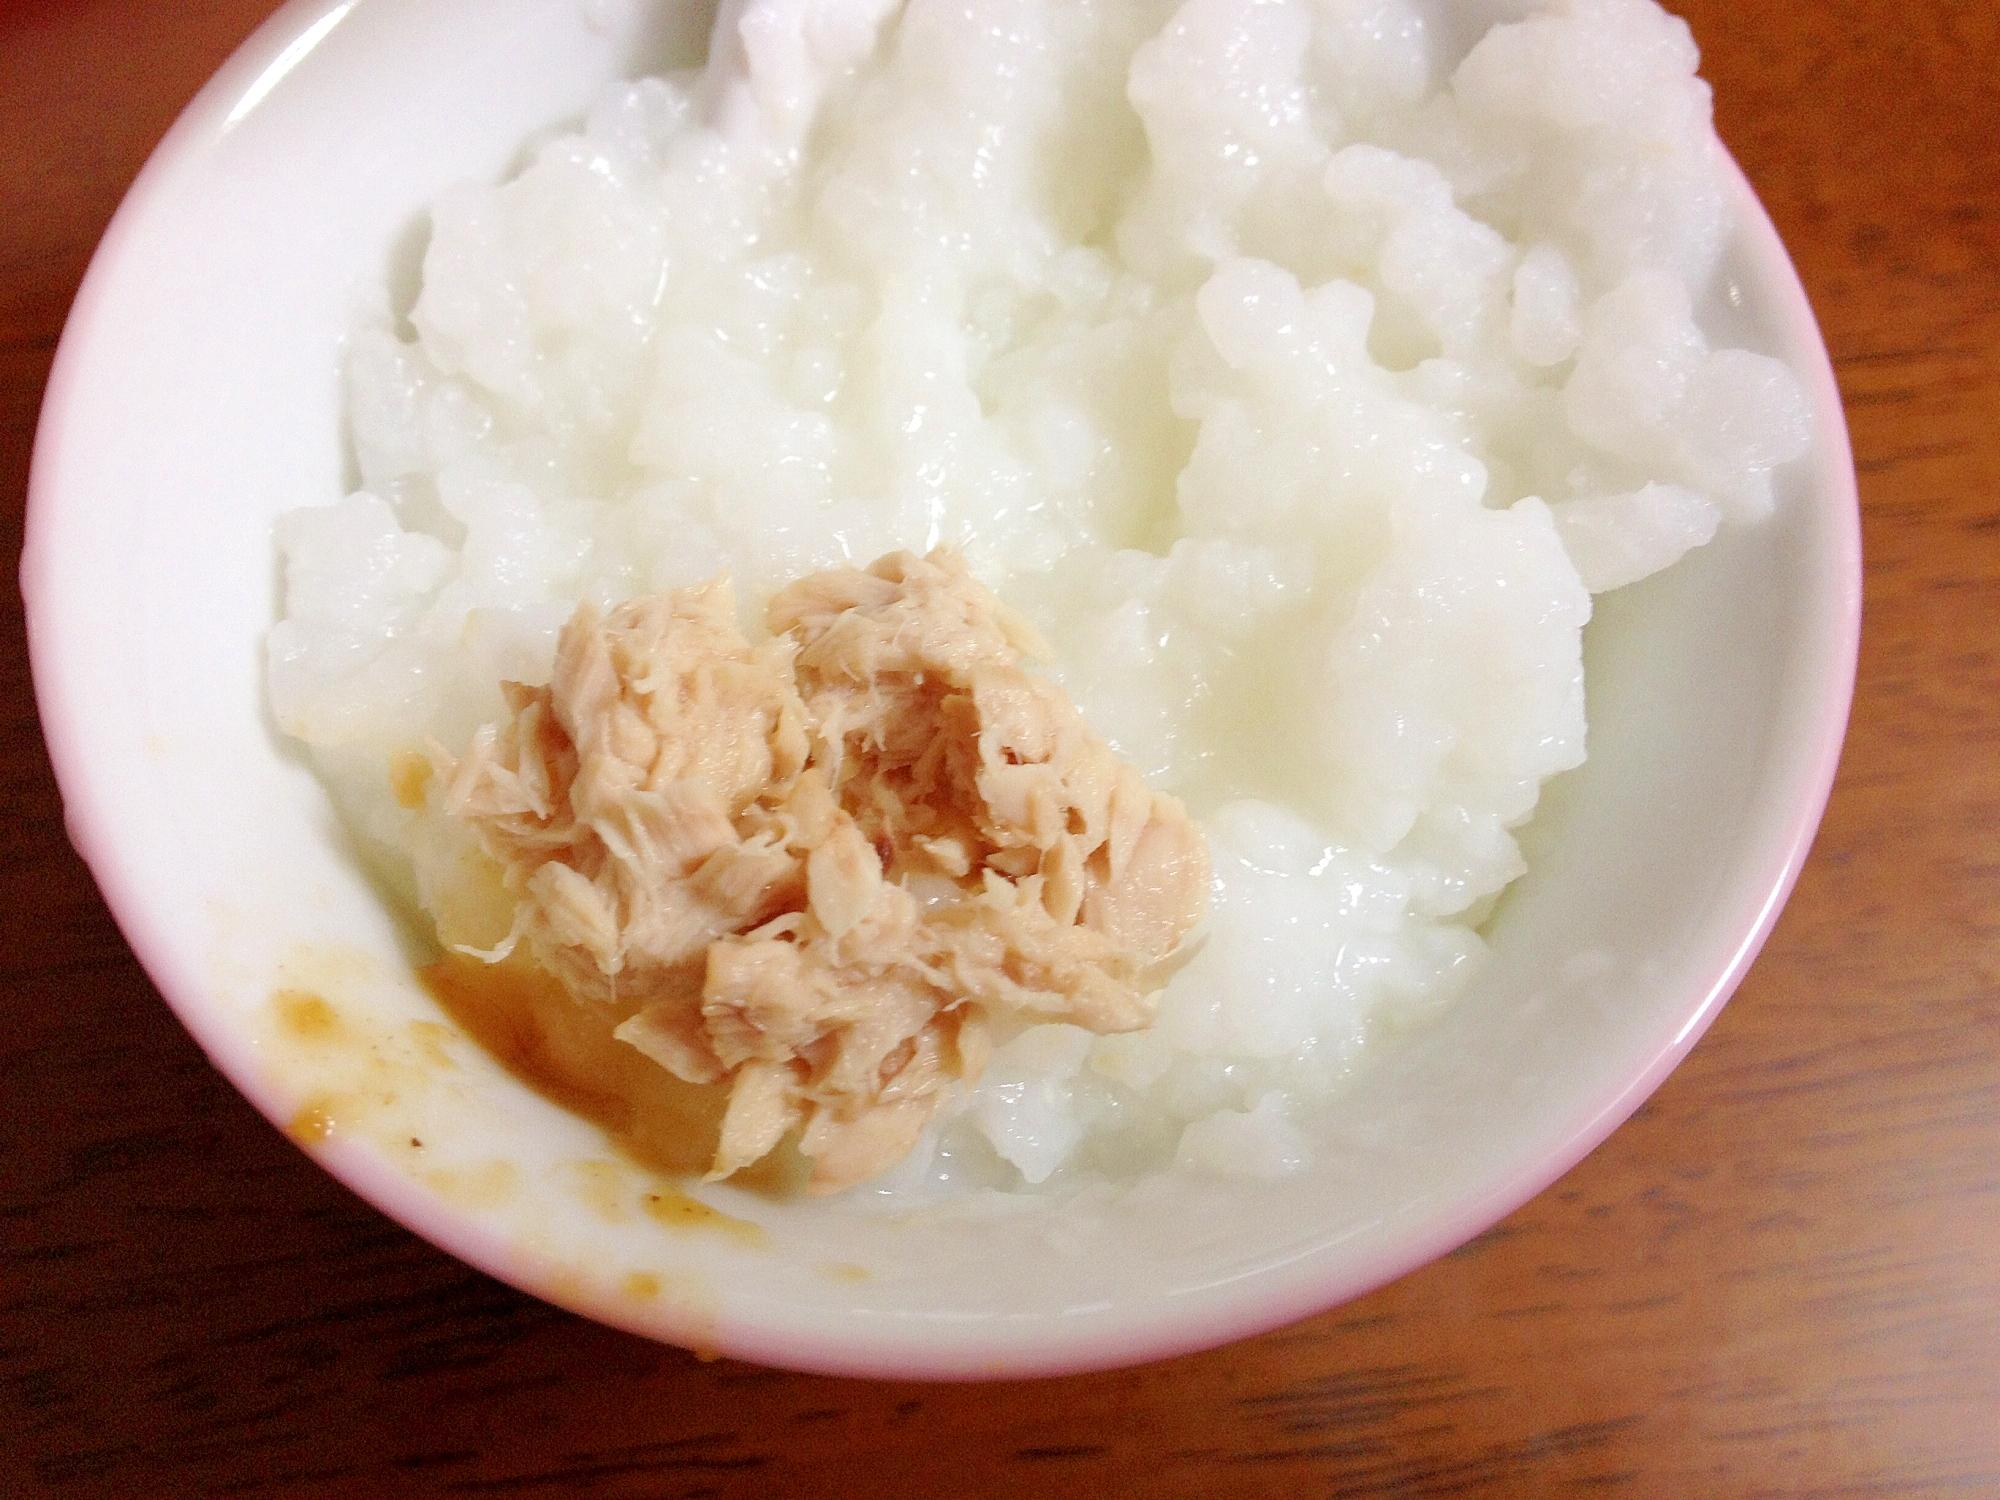 離乳食中期ハマチのお粥